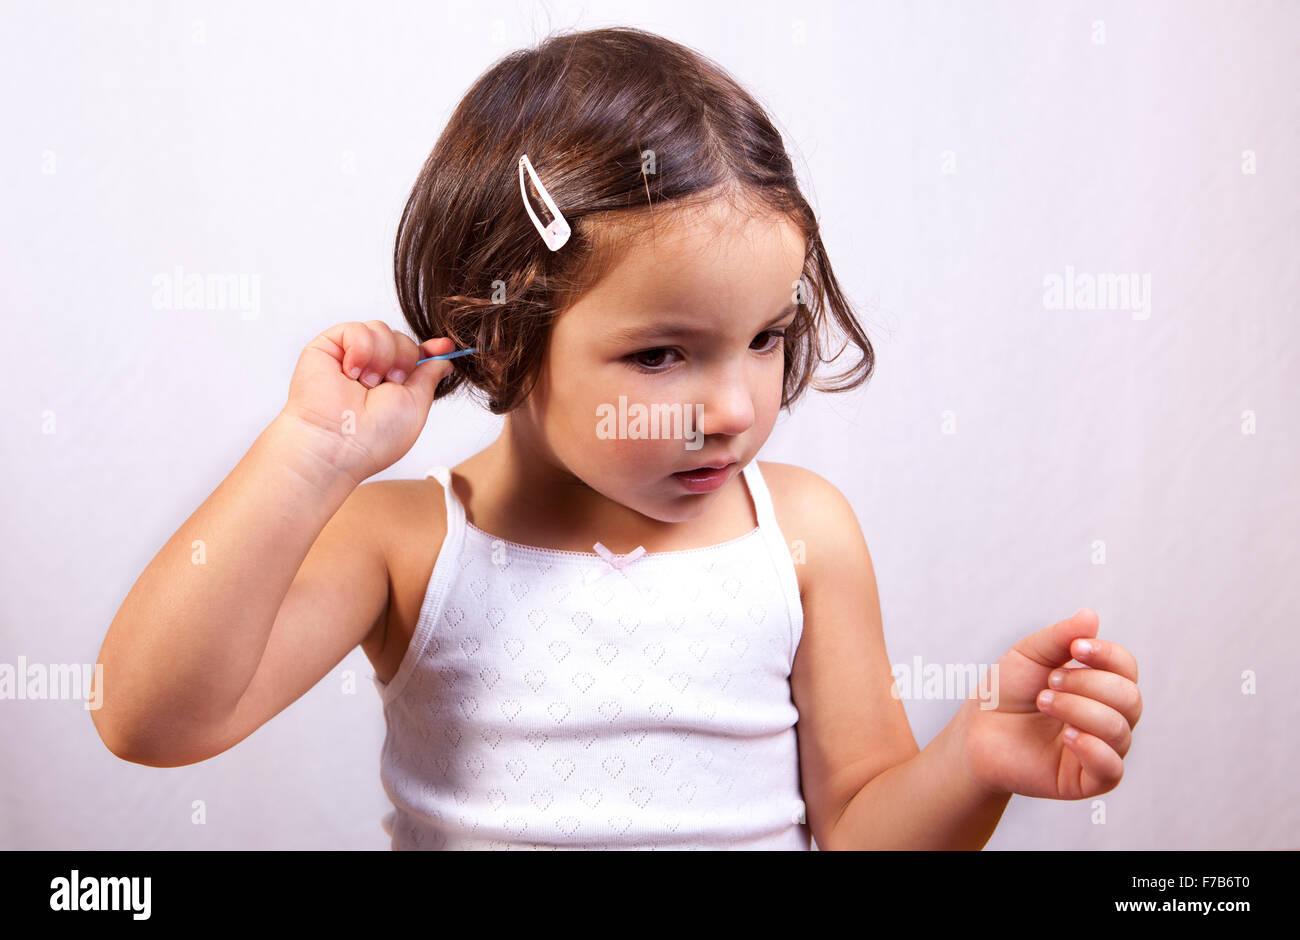 young latin girl